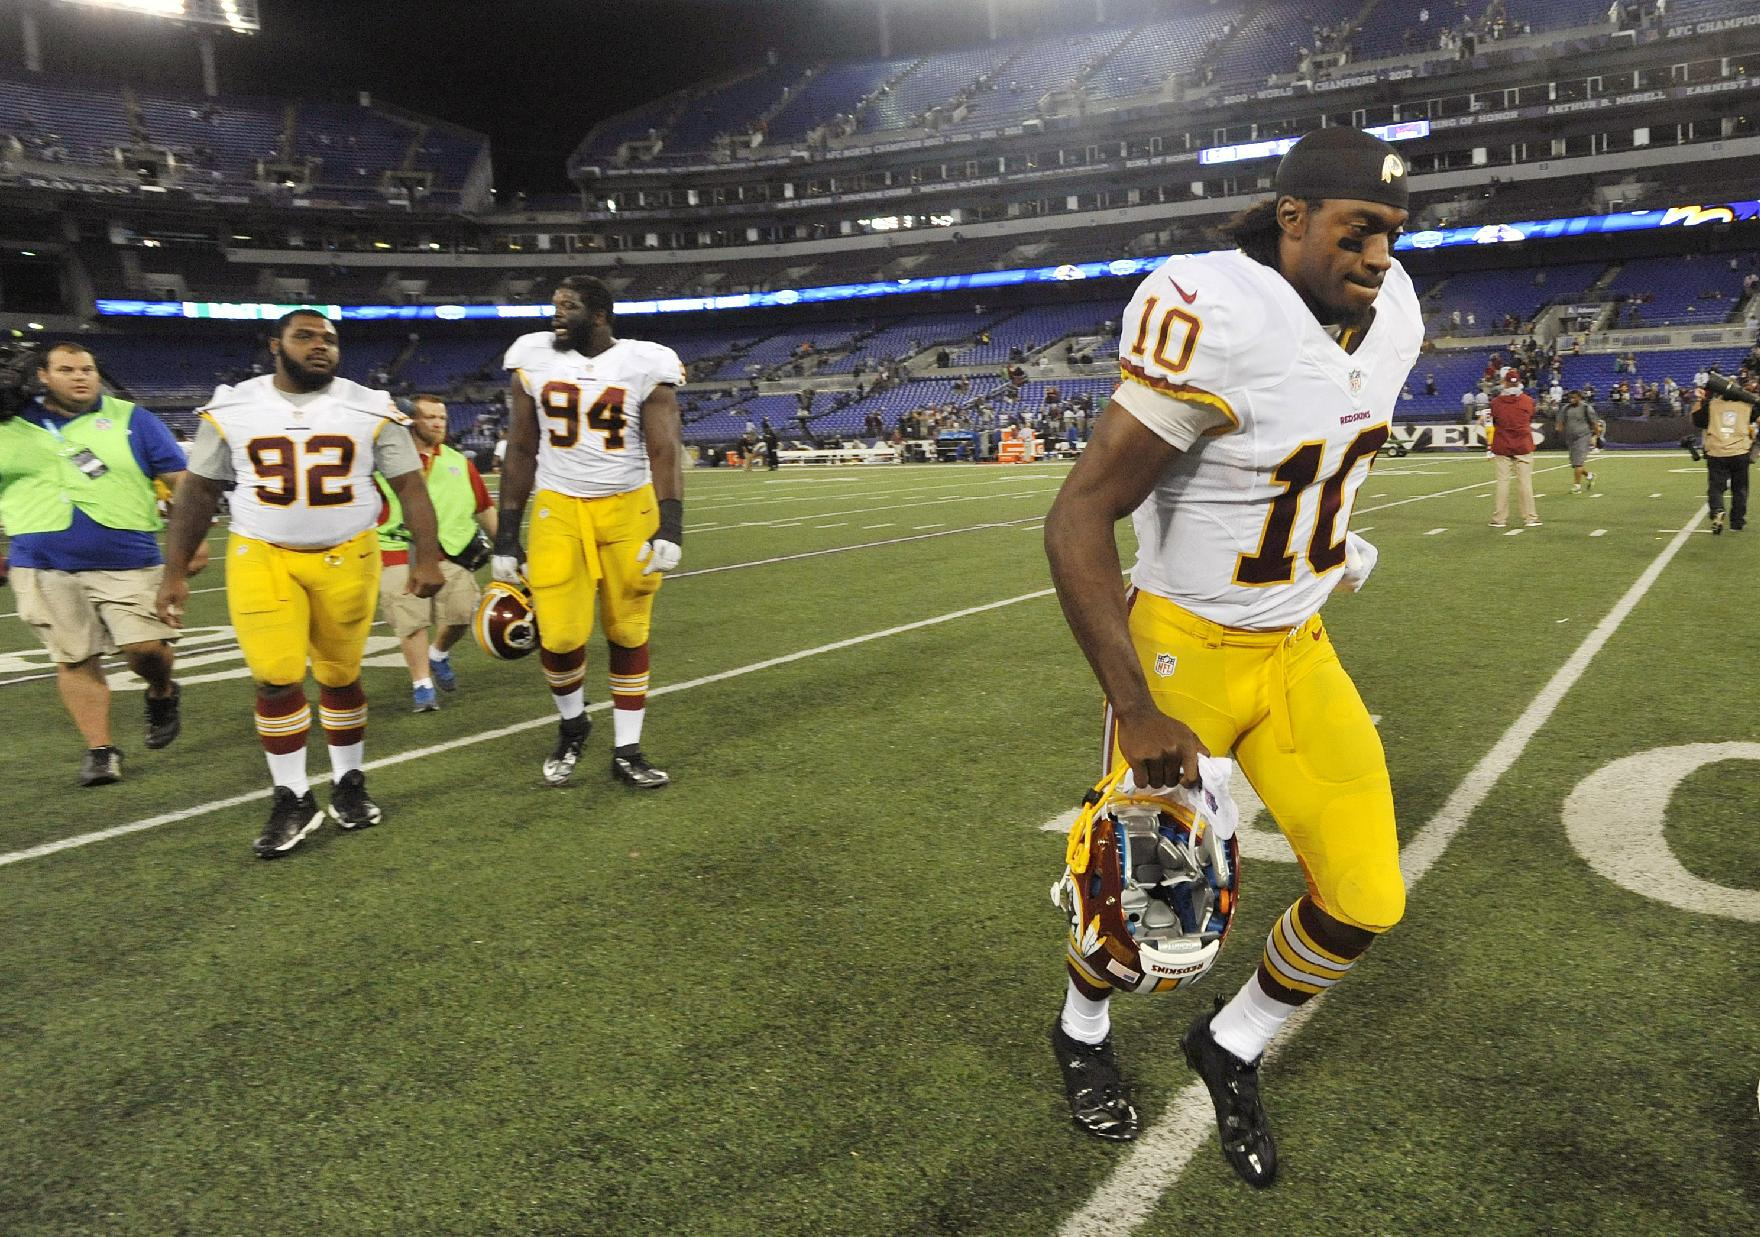 Redskins' RG3 might play in preseason finale